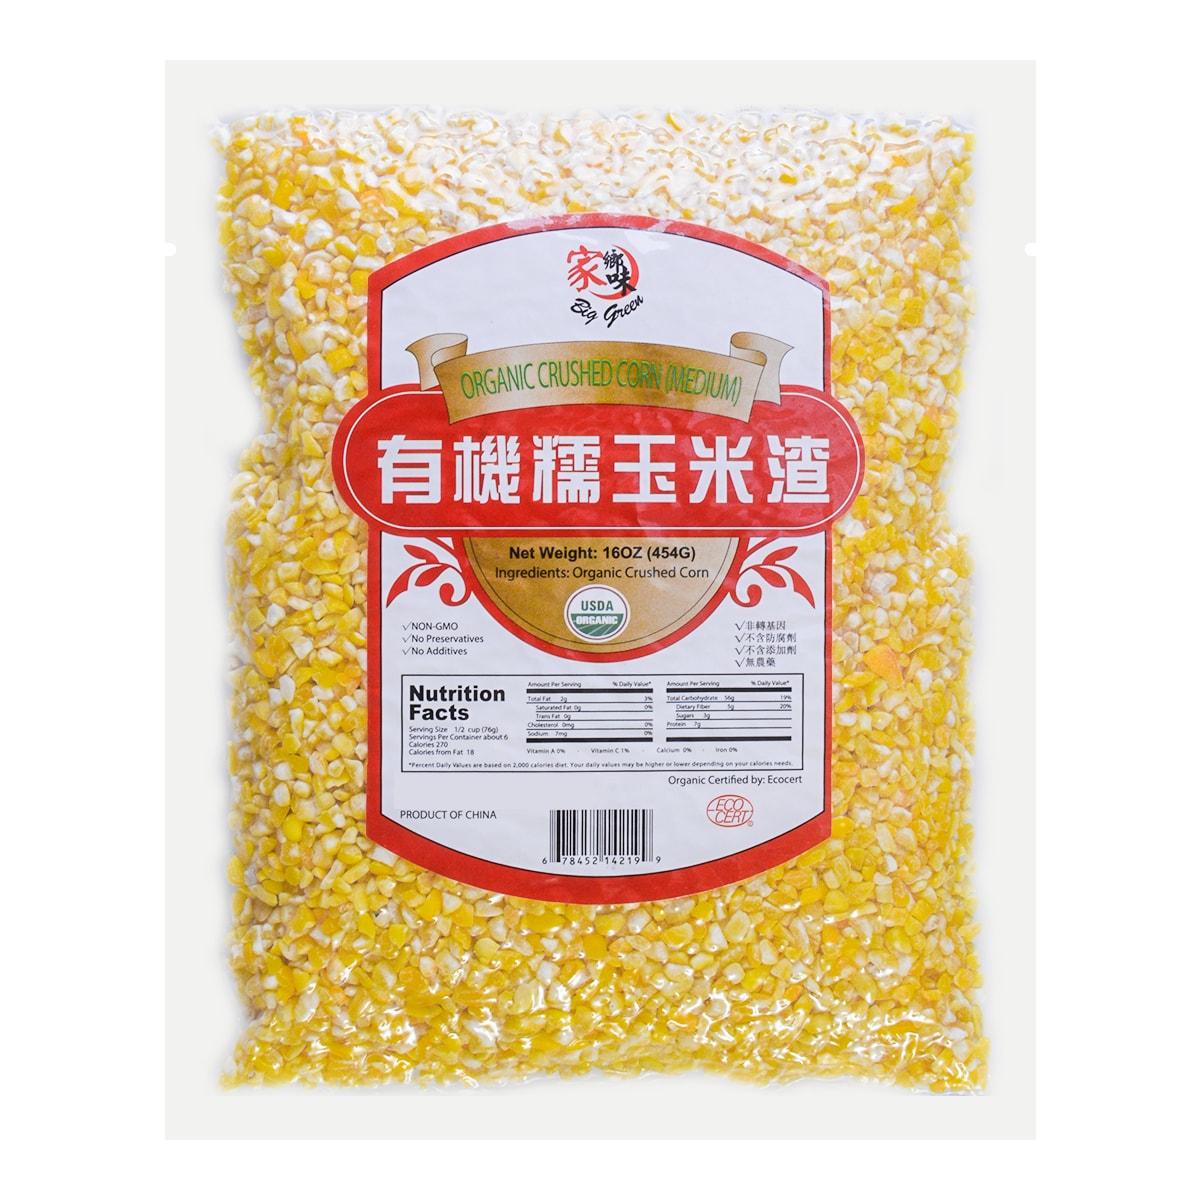 家乡味 有机糯玉米渣 454g USDA认证